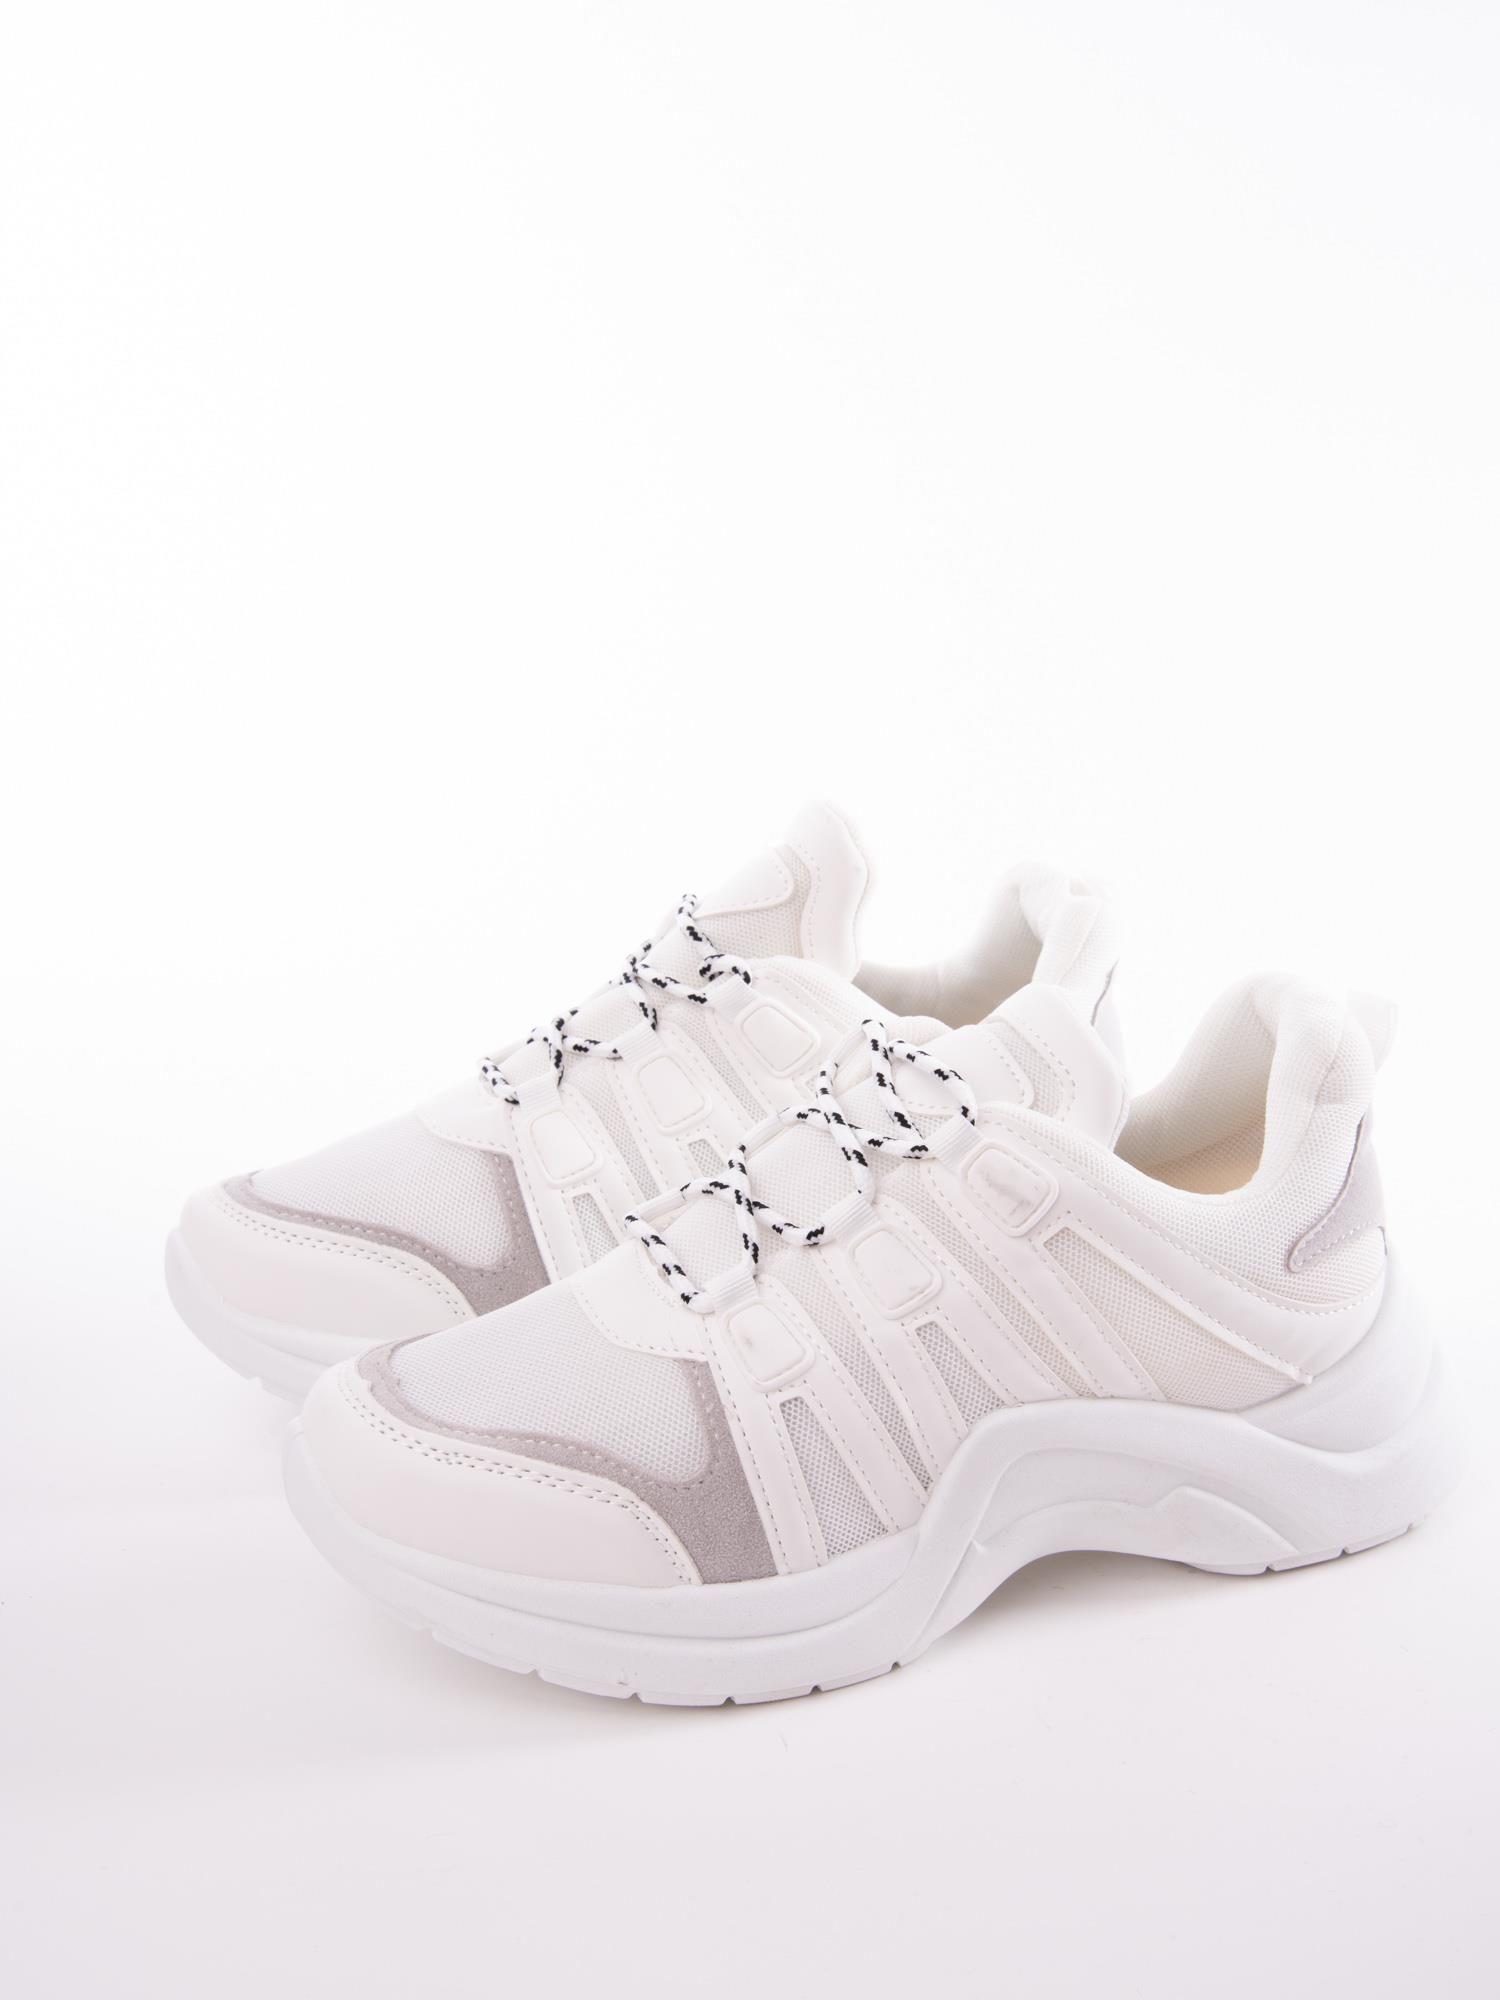 2524809cca0f2 1 · Białe buty sportowe z elastyczną podeszwą wstawkami z ekoskóry i  kolorowymi sznurówkami ...